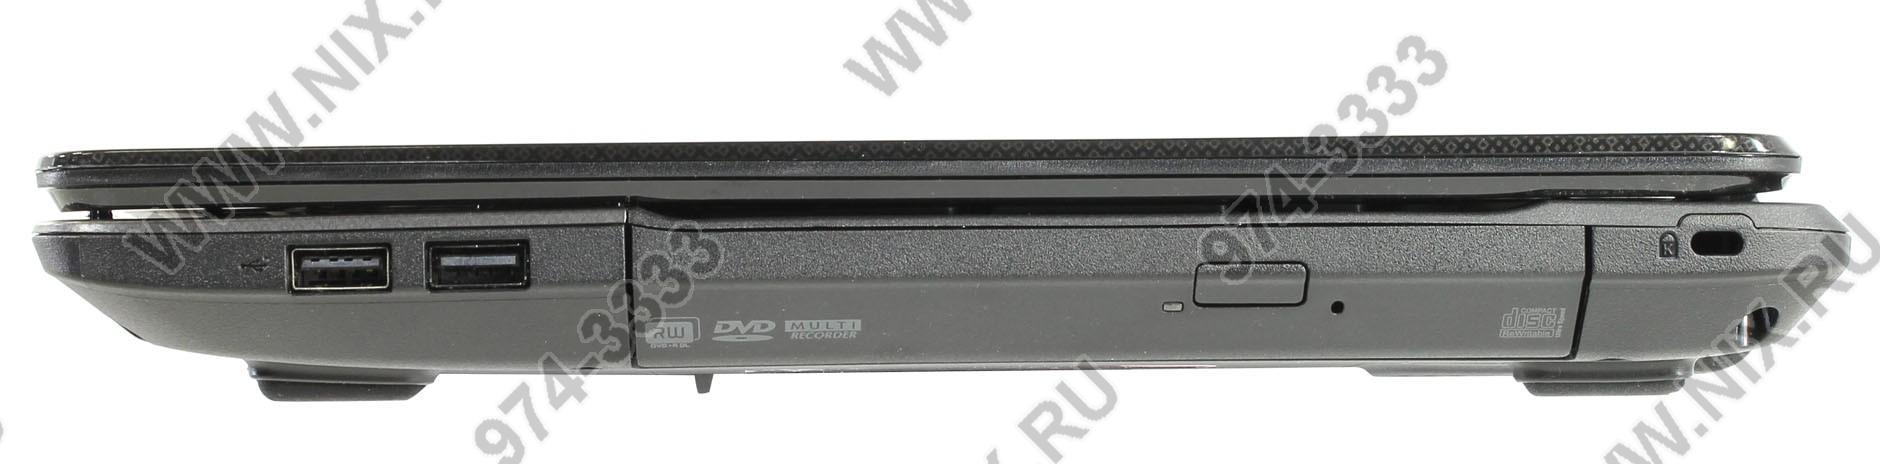 Packard bell ts11 нr 585 ru процессор intel core i5-2450m видео-карта nvidia geforce gt 630m